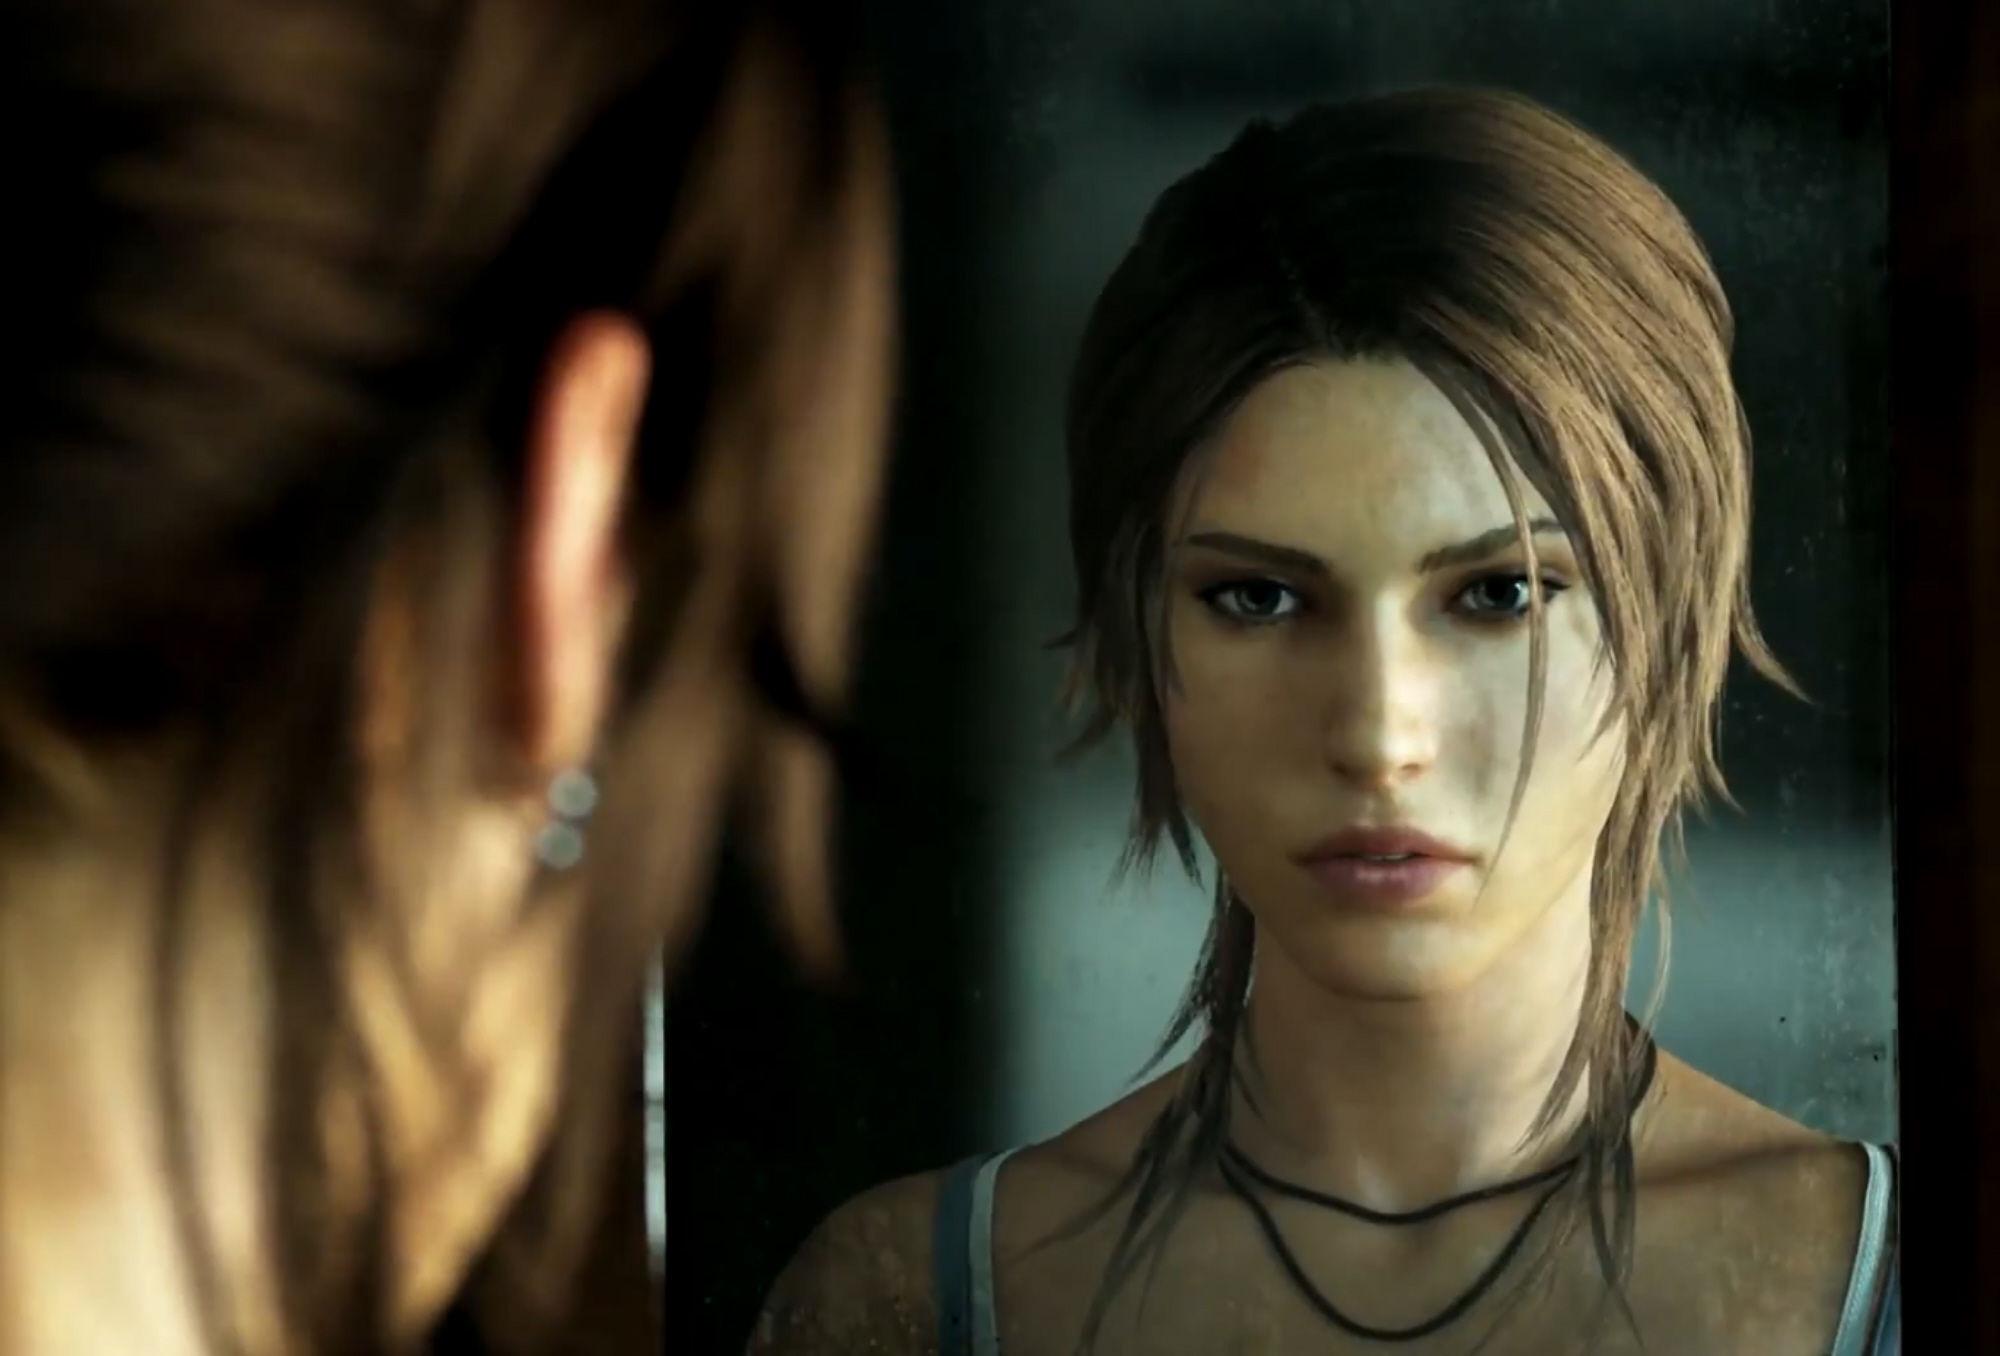 ¿Cómo se llama la protagonista del juego?